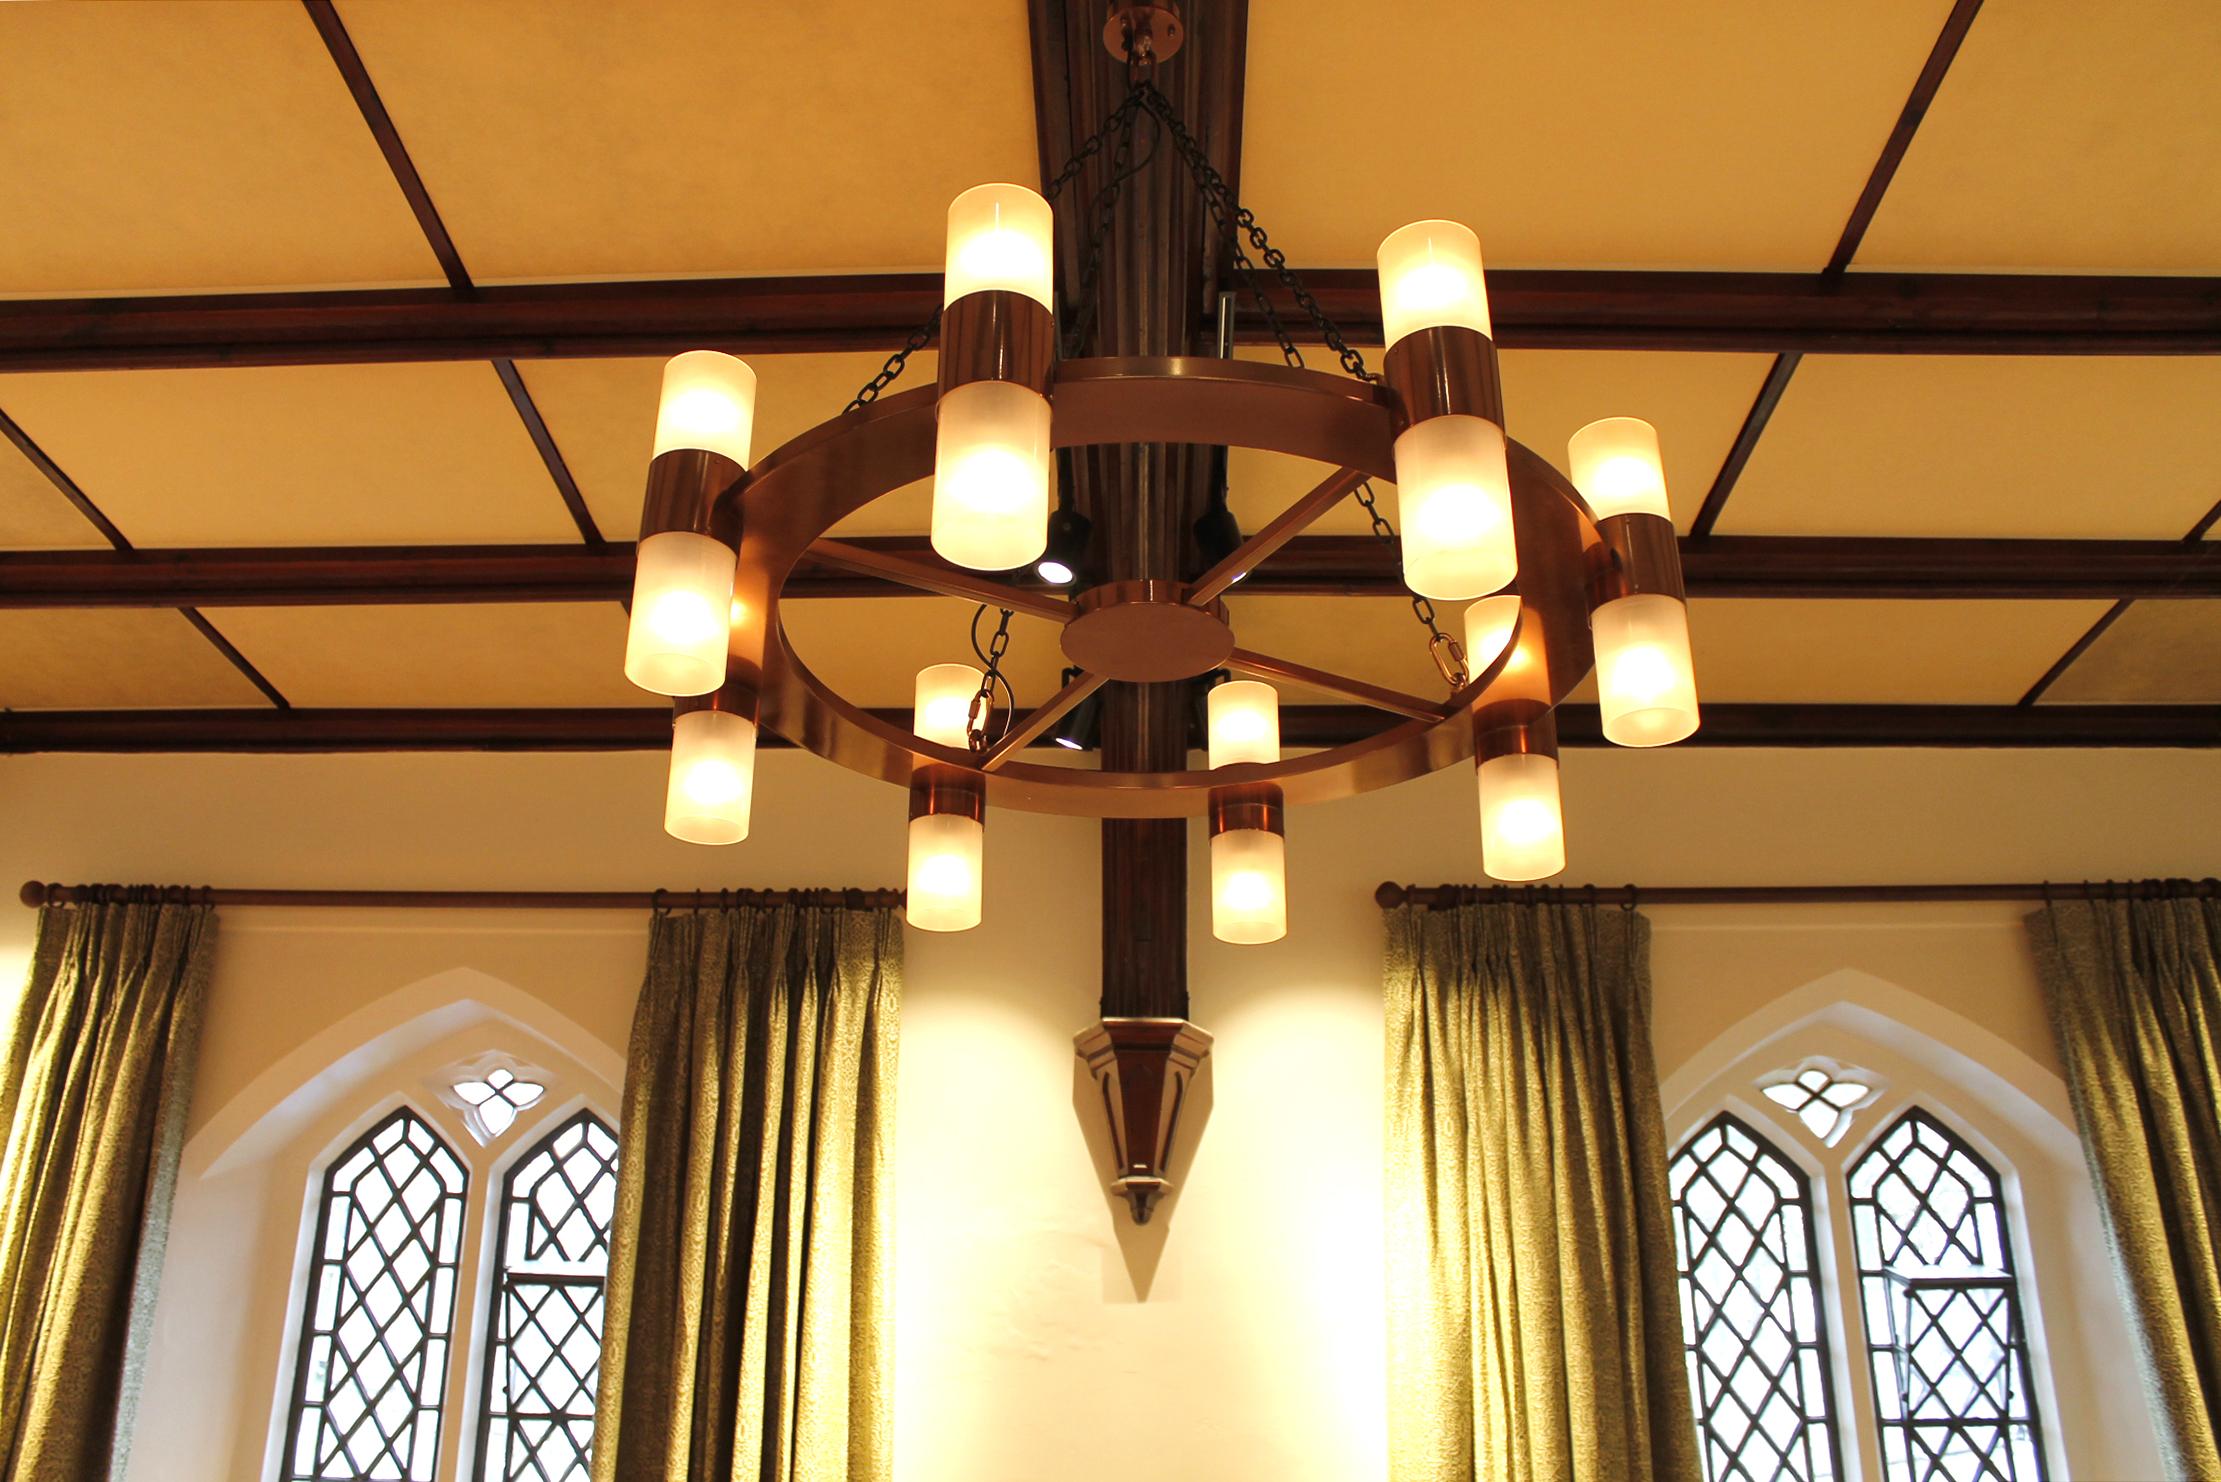 Bespoke LED lighting